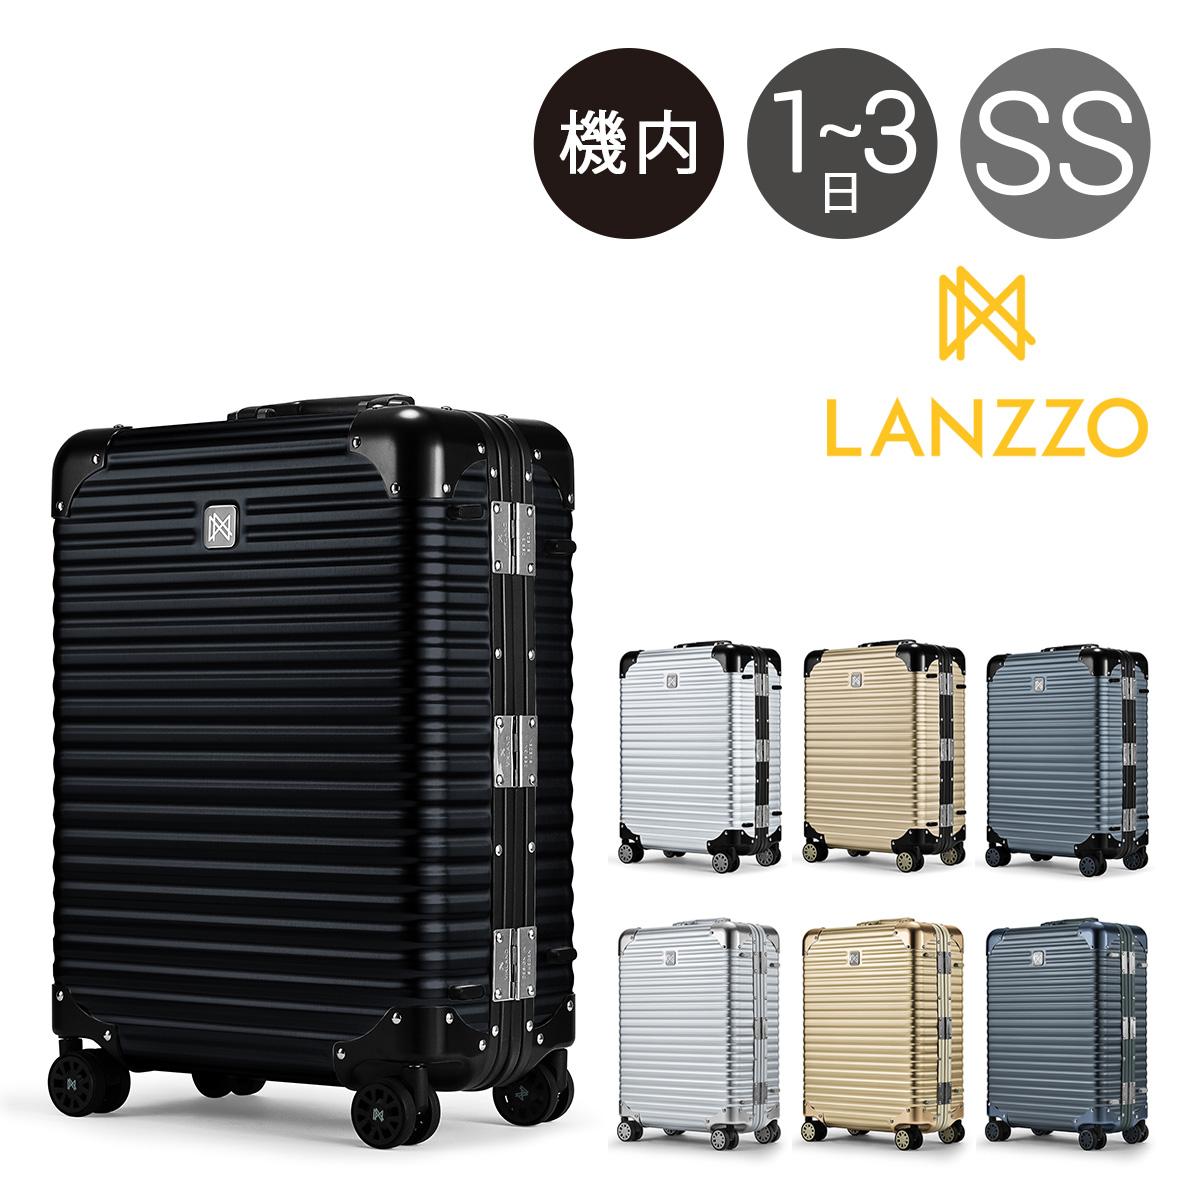 ランツォ スーツケース ノーマン 21インチ|機内持ち込み 34L 49cm 4.6kg|アルミニウム合金 5年保証 アルミ ハード フレーム TSAロック搭載 キャリーバッグ キャリーケース LANZZO [bef]